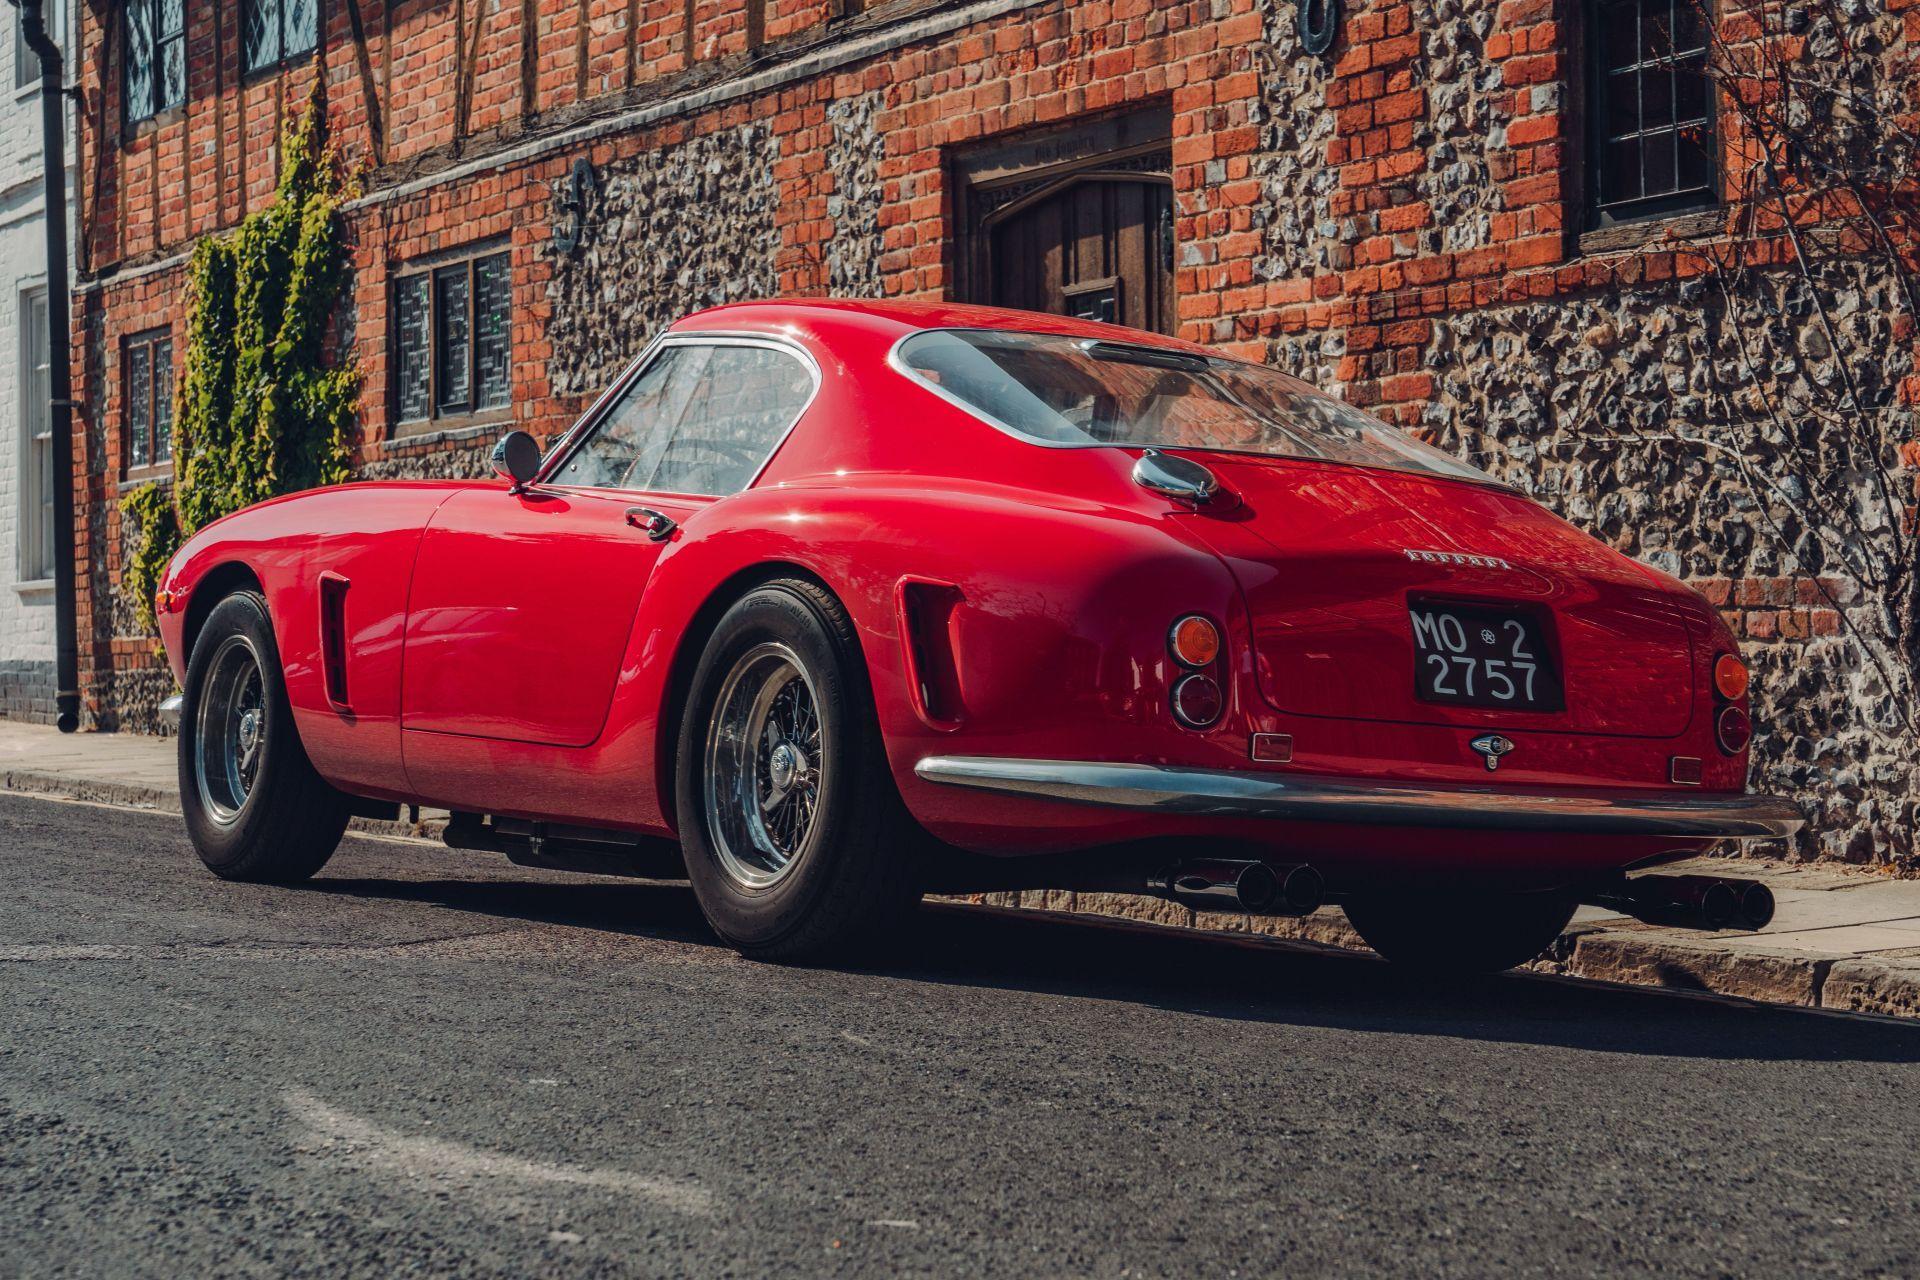 Ferrari-250-GT-SWB-Berlinetta-Competizione-Revival-by-GTO-Engineering-43